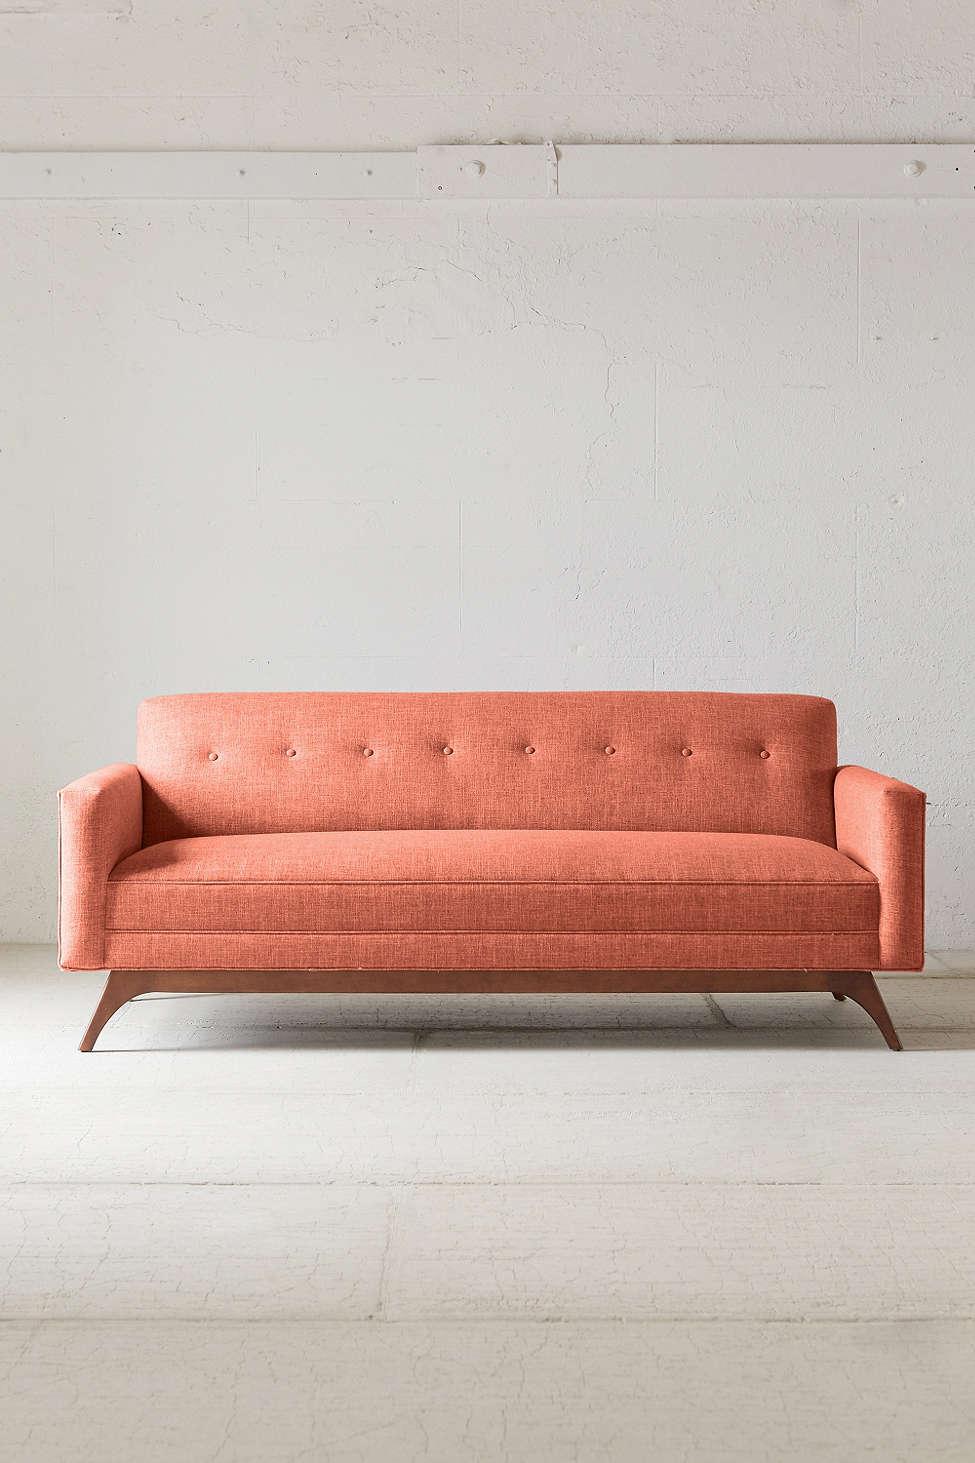 Atomic Sofa in Orange